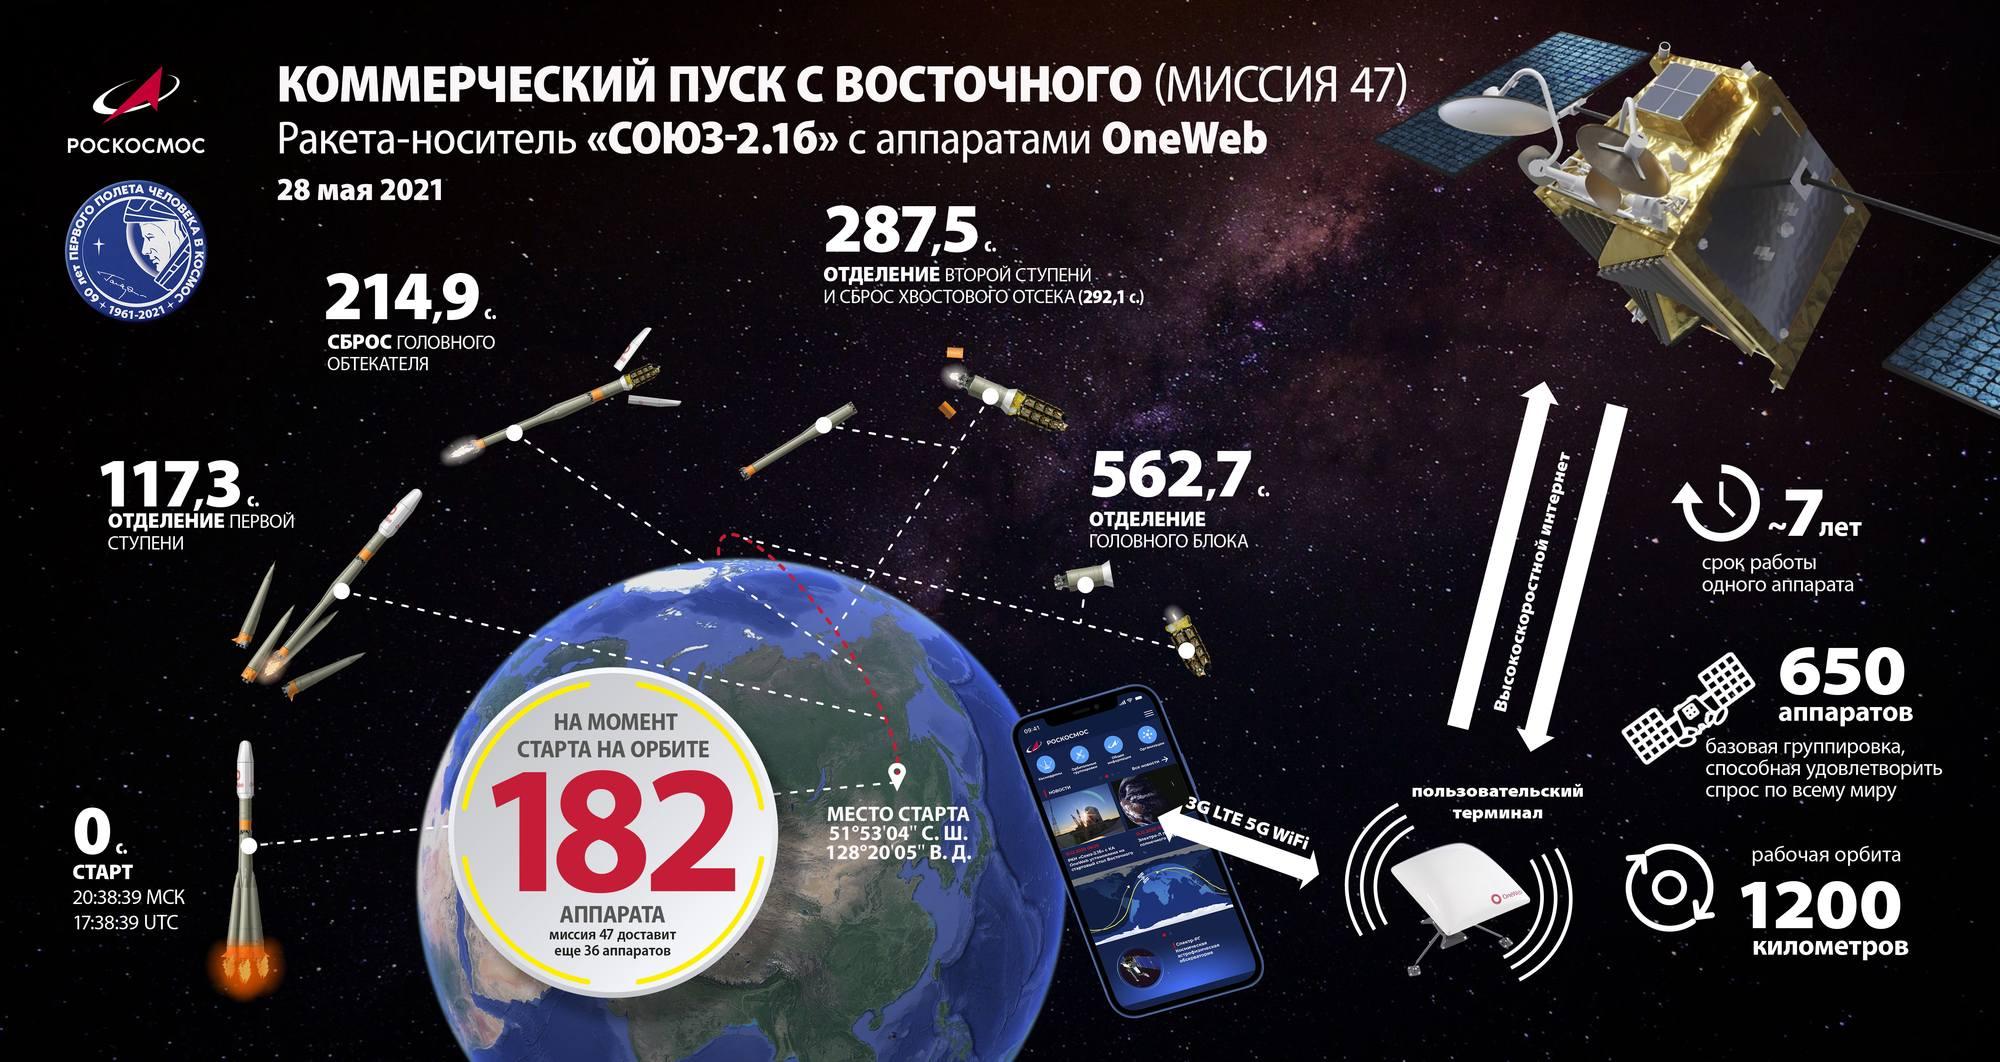 Le timing de lancement du 28 mai 2021.